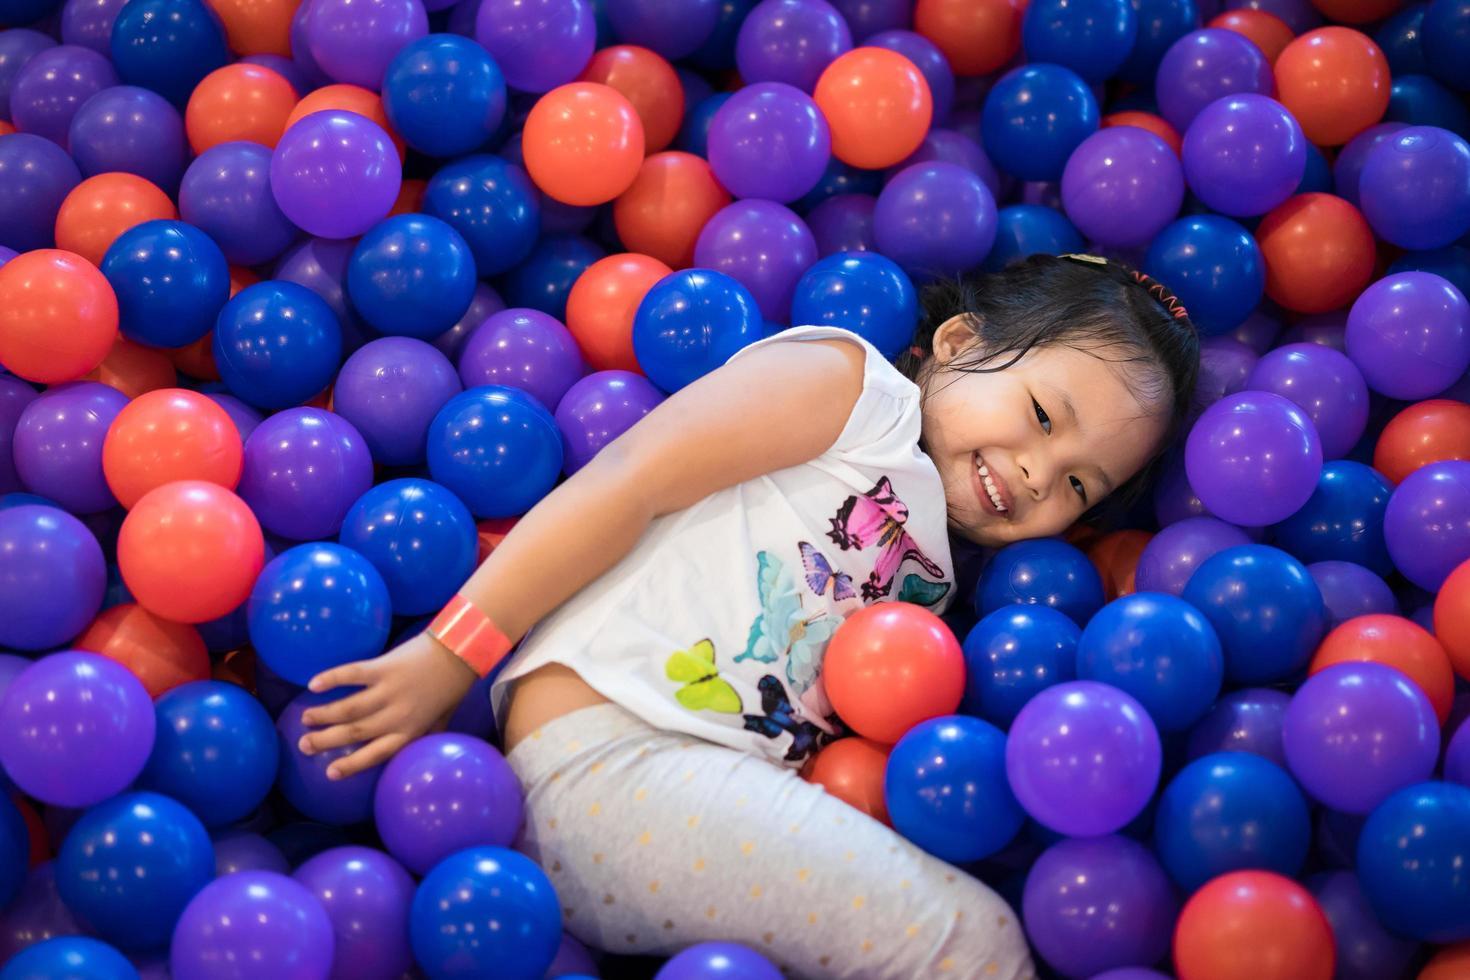 giovane ragazza asiatica che gioca nella buca palla rimbalzante foto